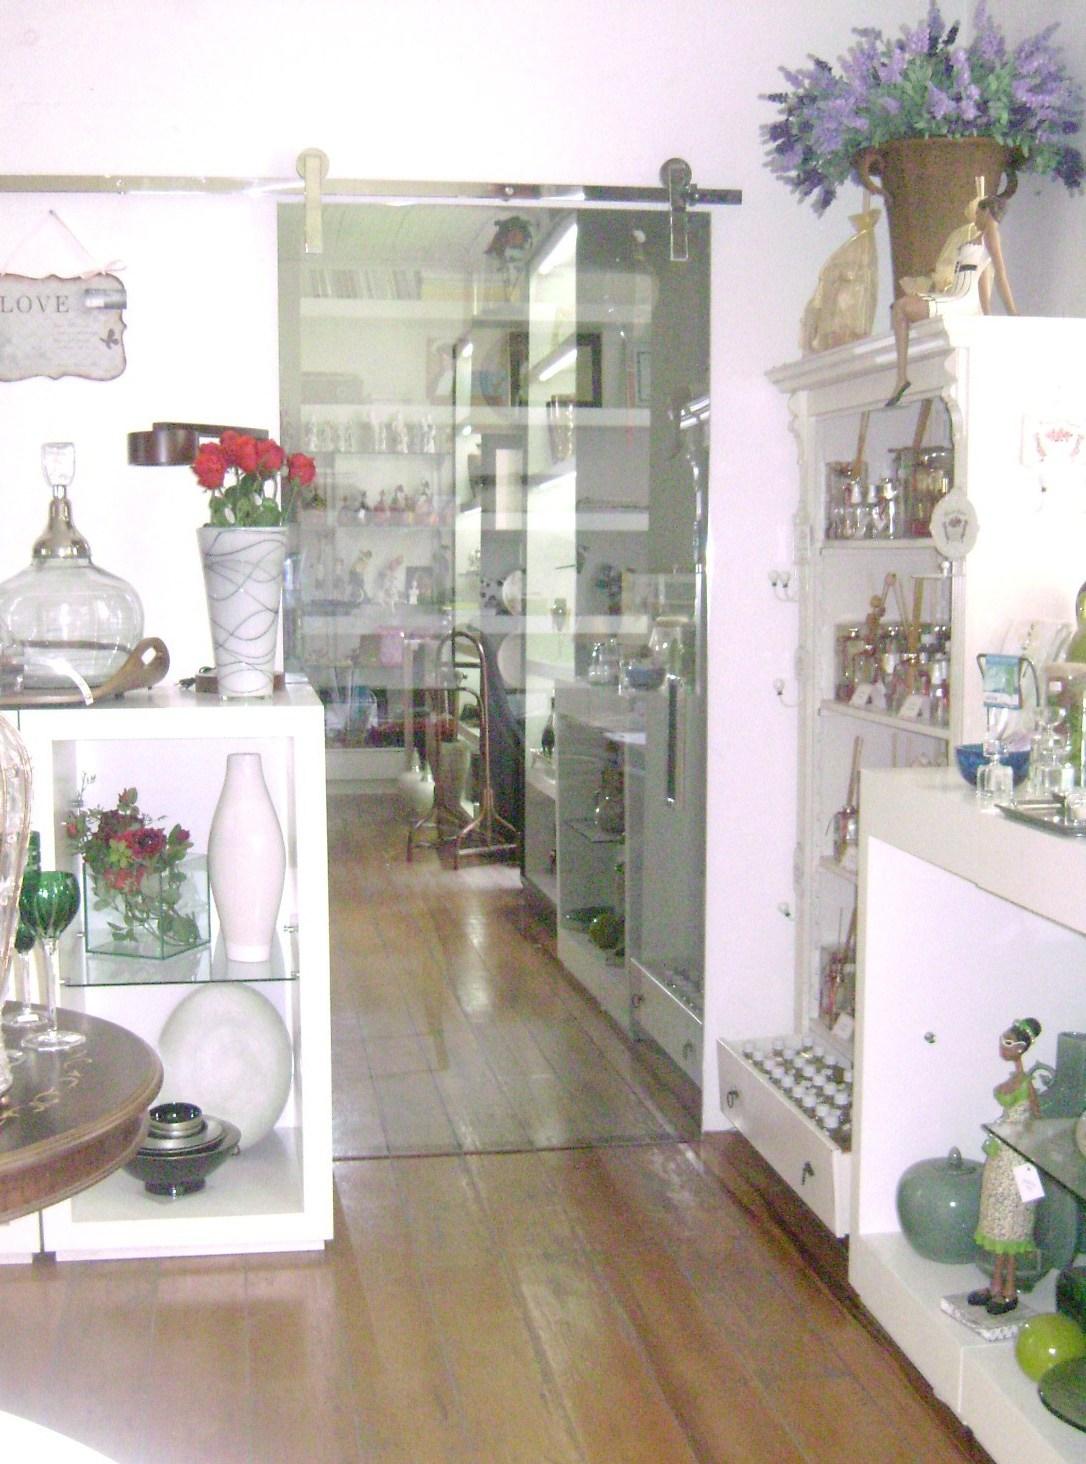 Imagens de #806B49 MULTIBOX VIDROS TEMPERADOS (54) 3228 60 57 1086x1464 px 2182 Box De Vidro Para Banheiro Jaragua Do Sul